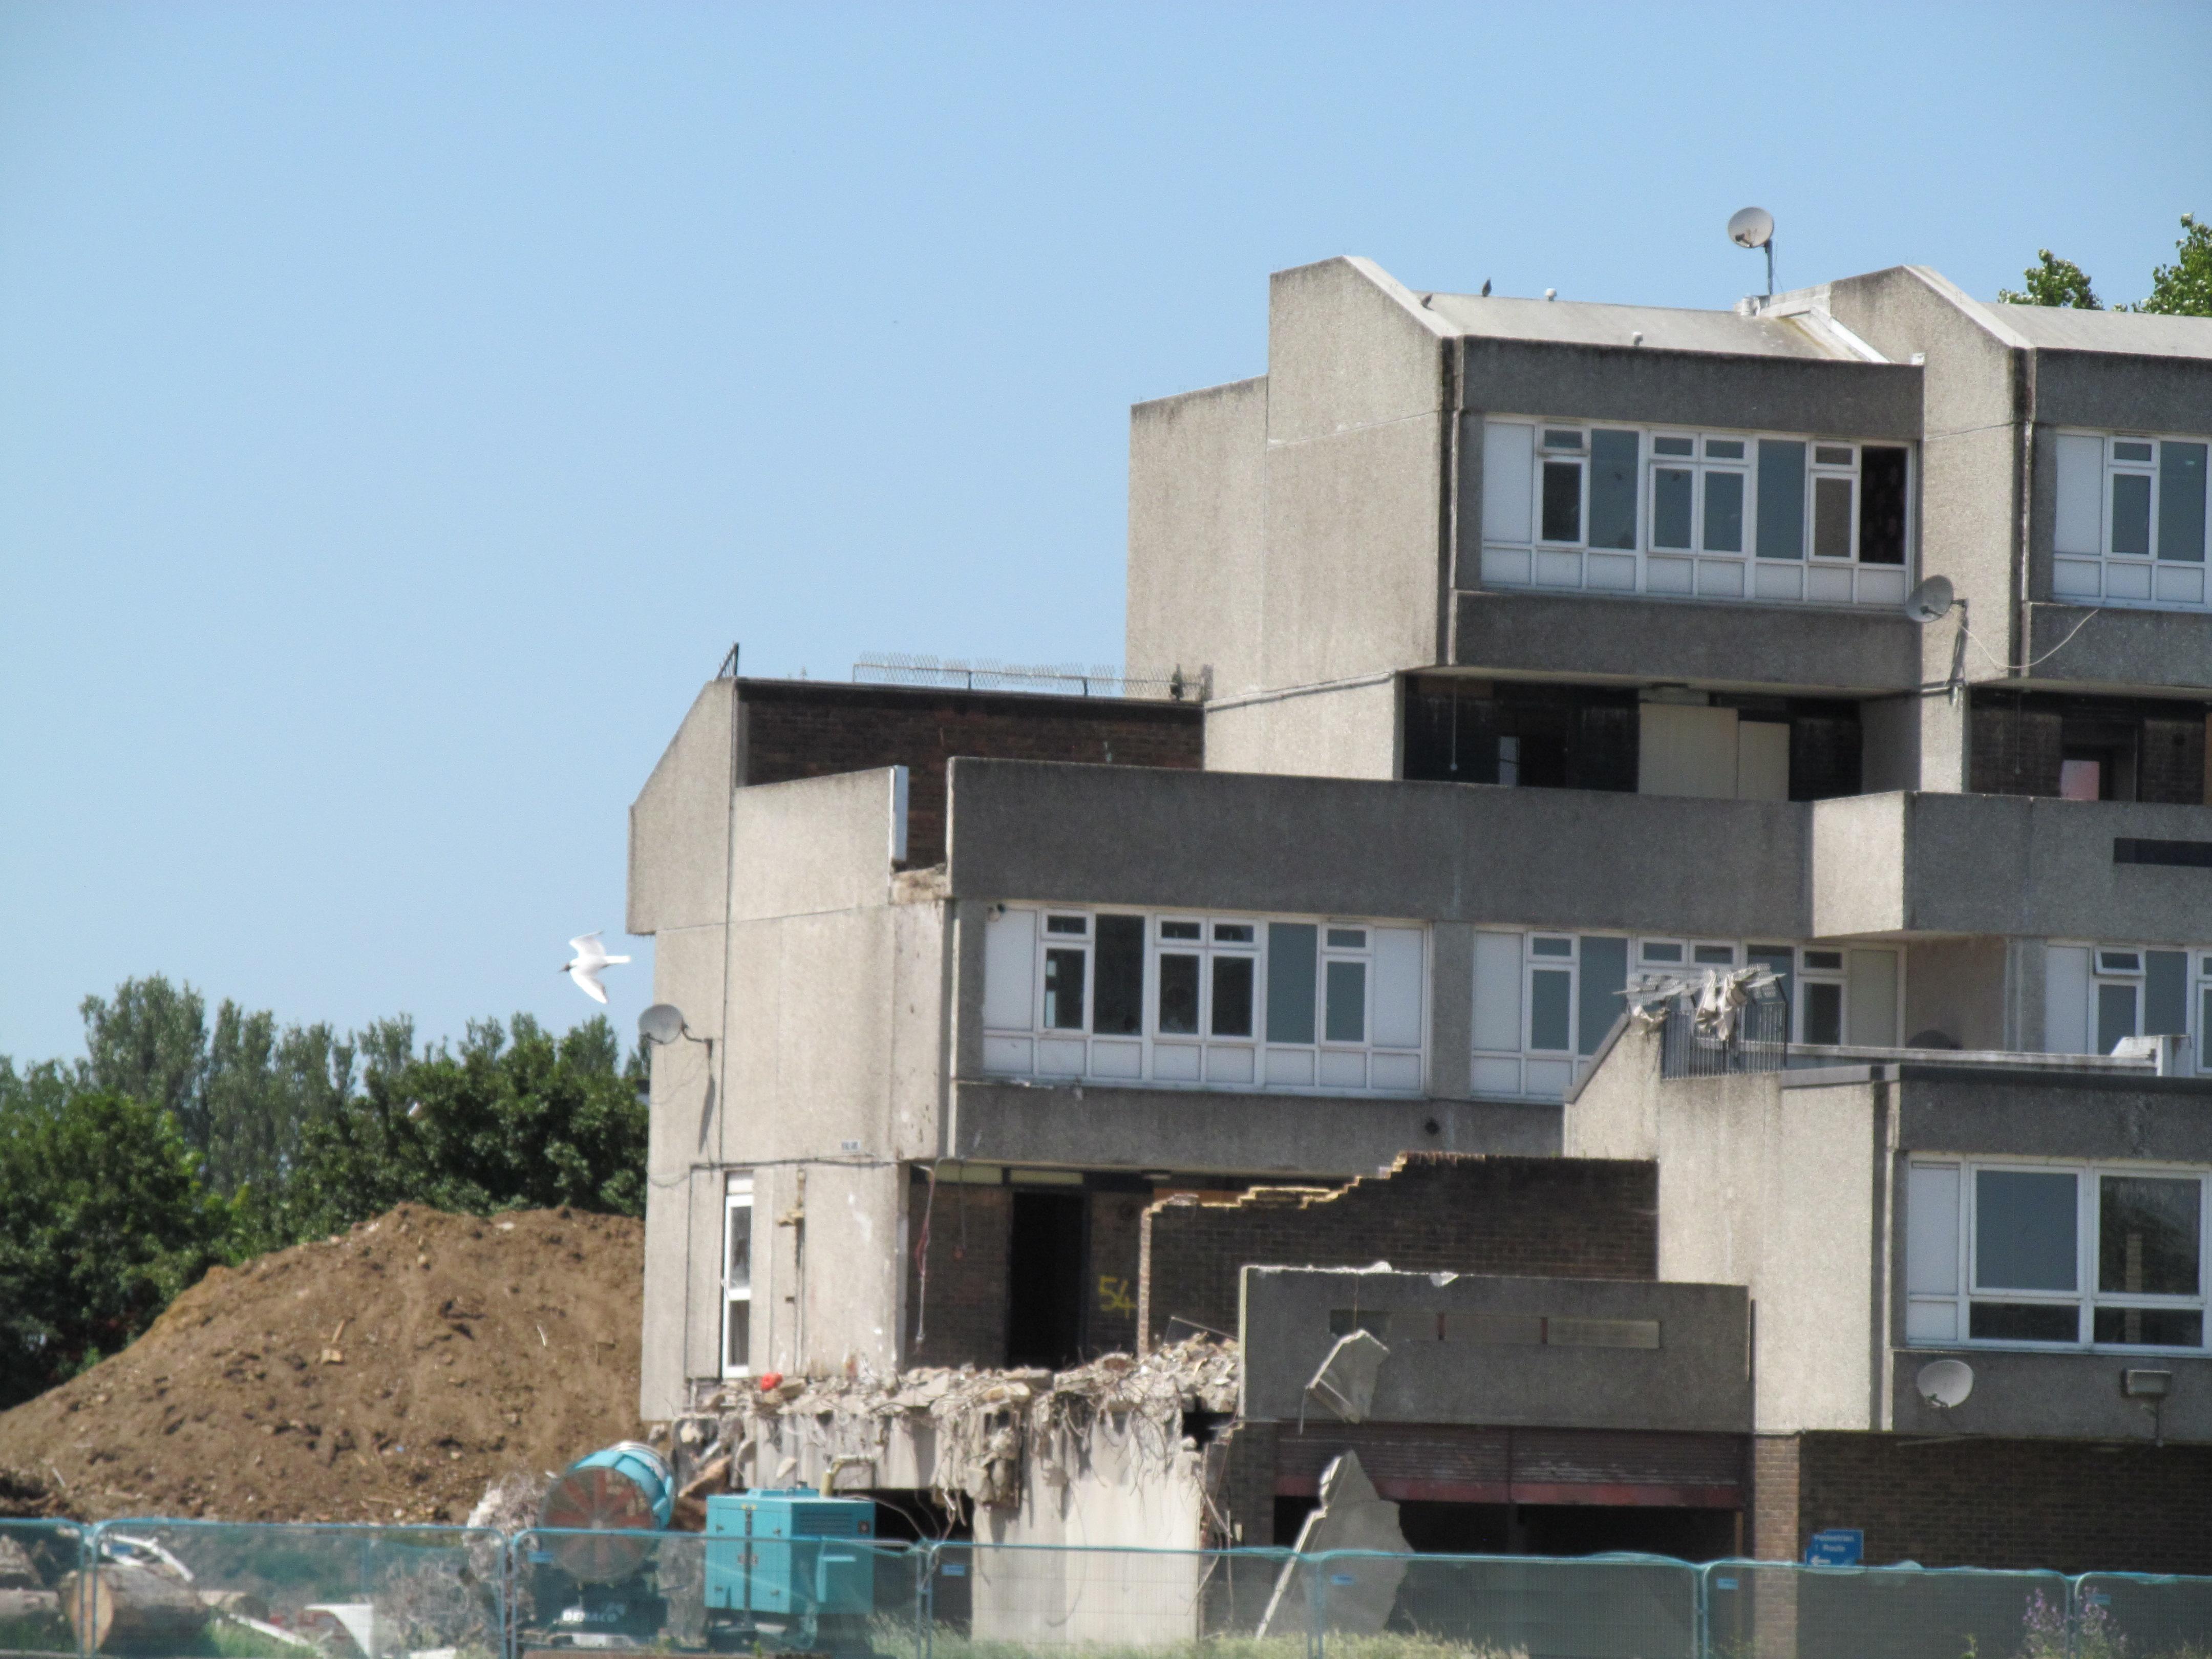 Bexley borough bottom across London for new social housing